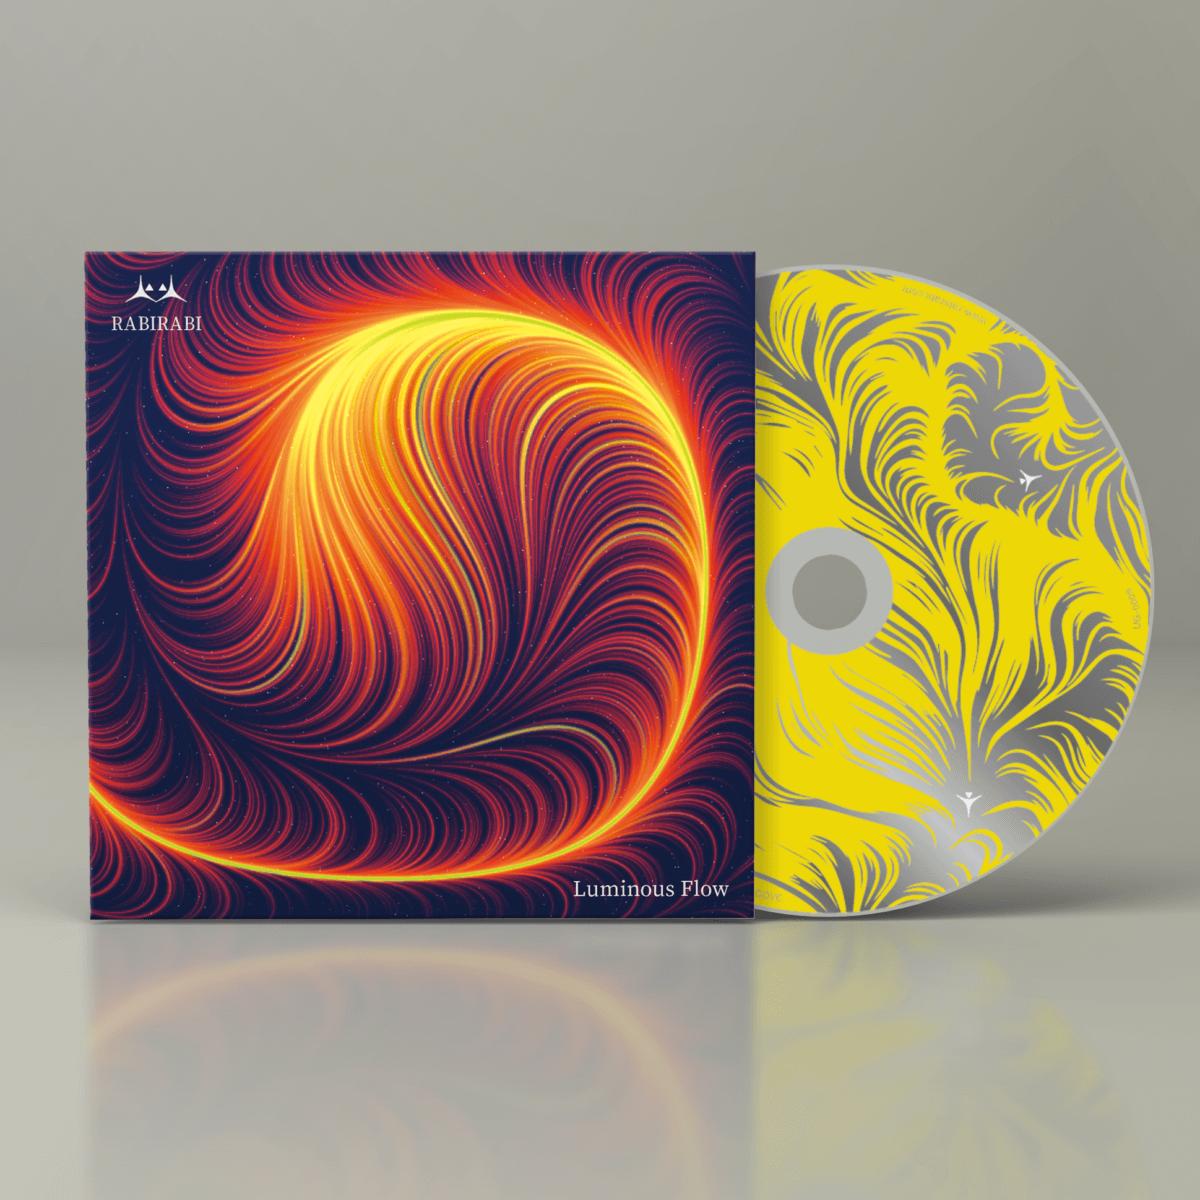 Luminous Flow cover front